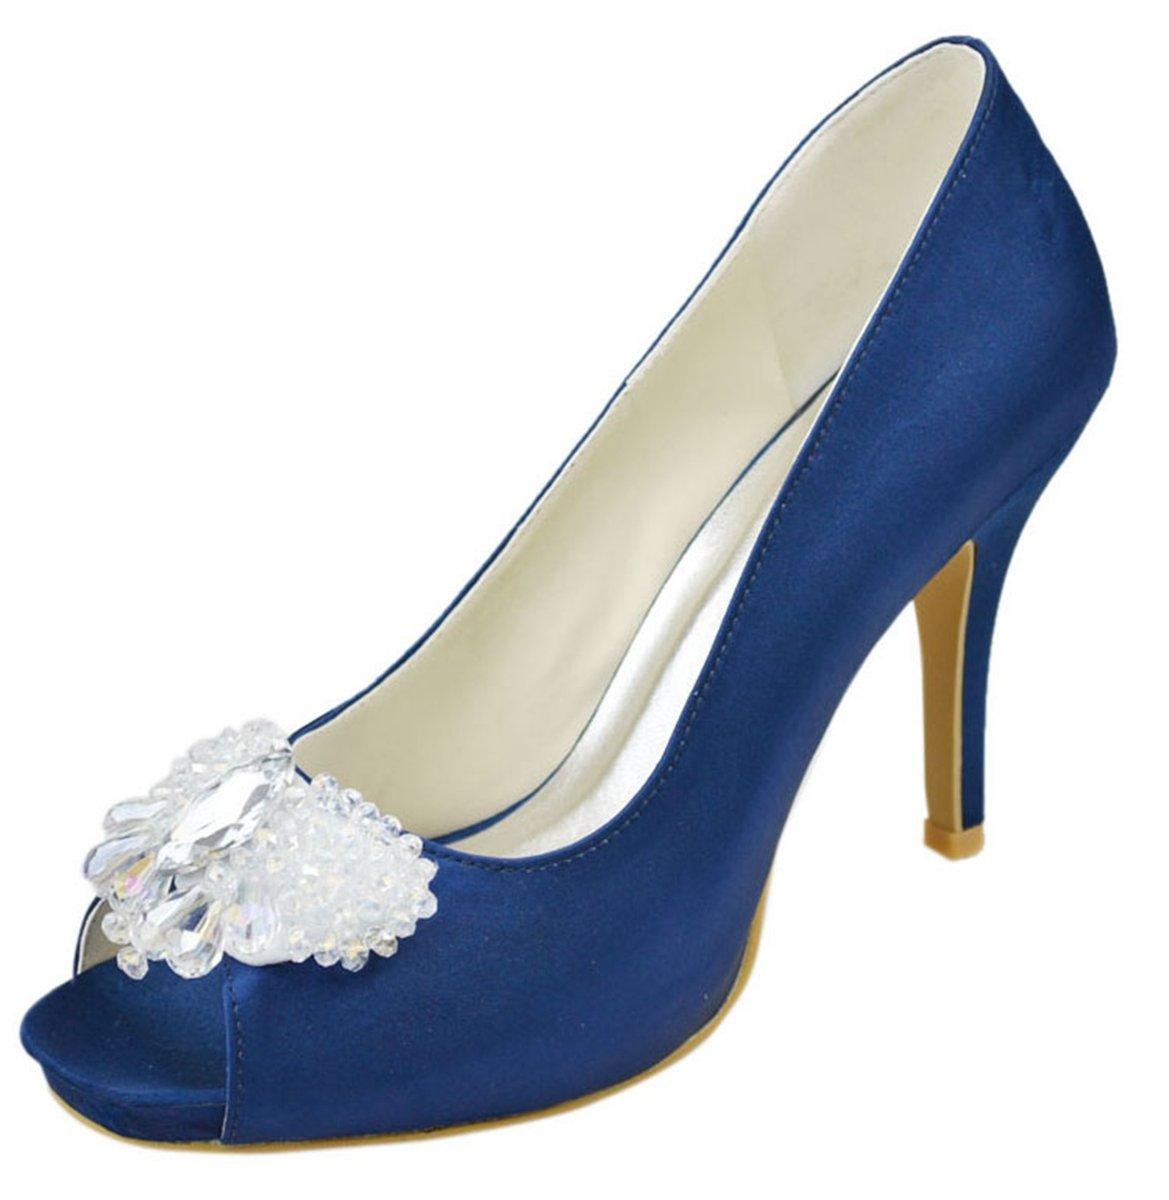 Minitoo 13362 bleu , Peep-Toe Minitoo femme Bleu - bleu 0d8d193 - shopssong.space